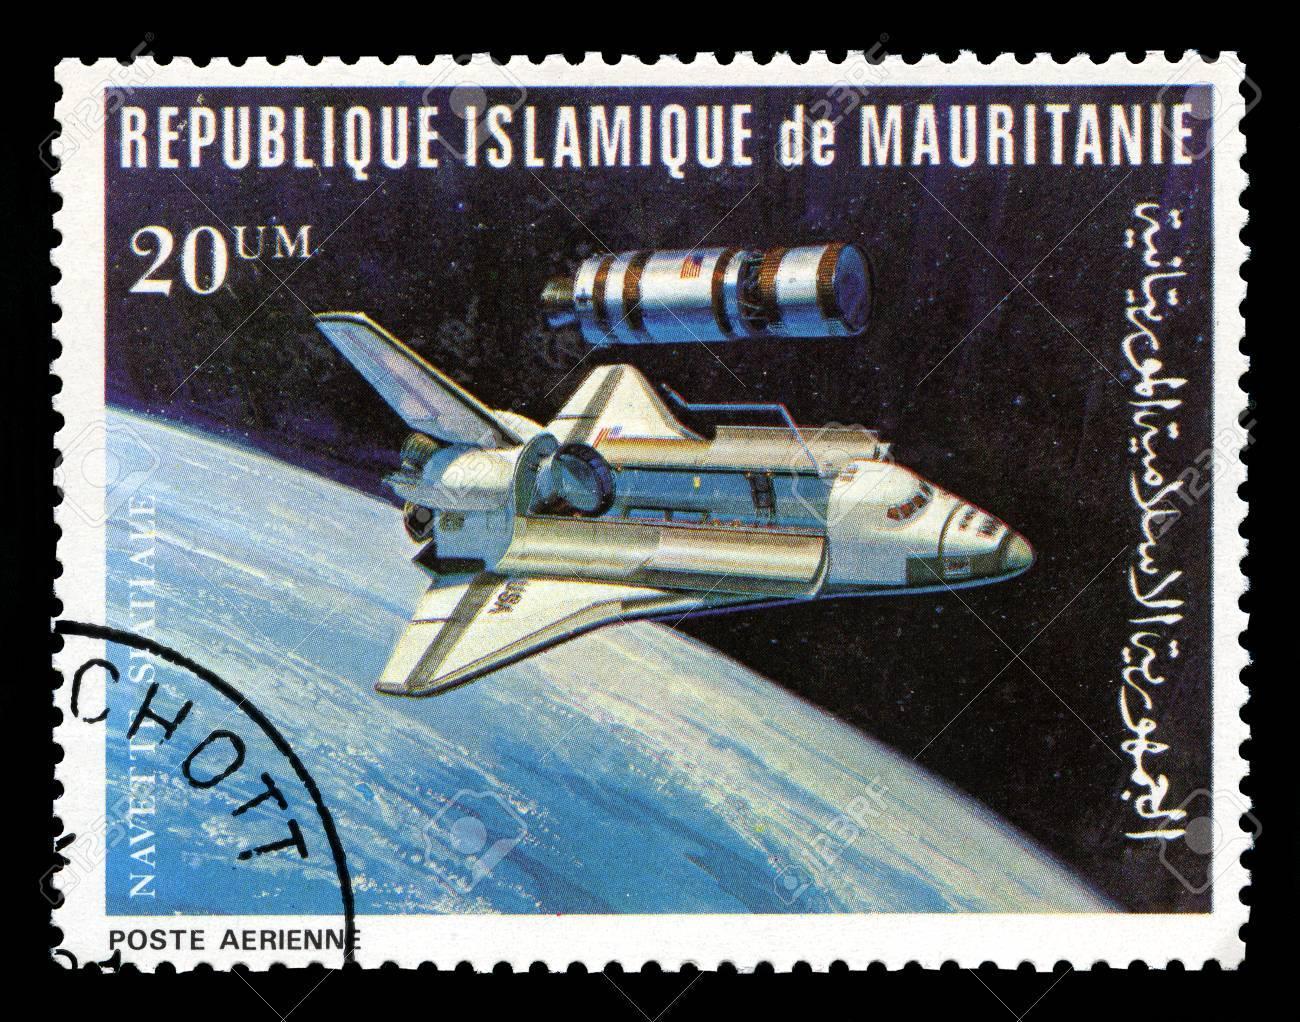 REPUBLIQUE ISLAMIQUE DE MAURITANIE - CIRCA 1981: A vintage postage stamp from Republique Islamique de Mauritanie depicting an image of the Space Shuttle, circa 1981. - 31221918